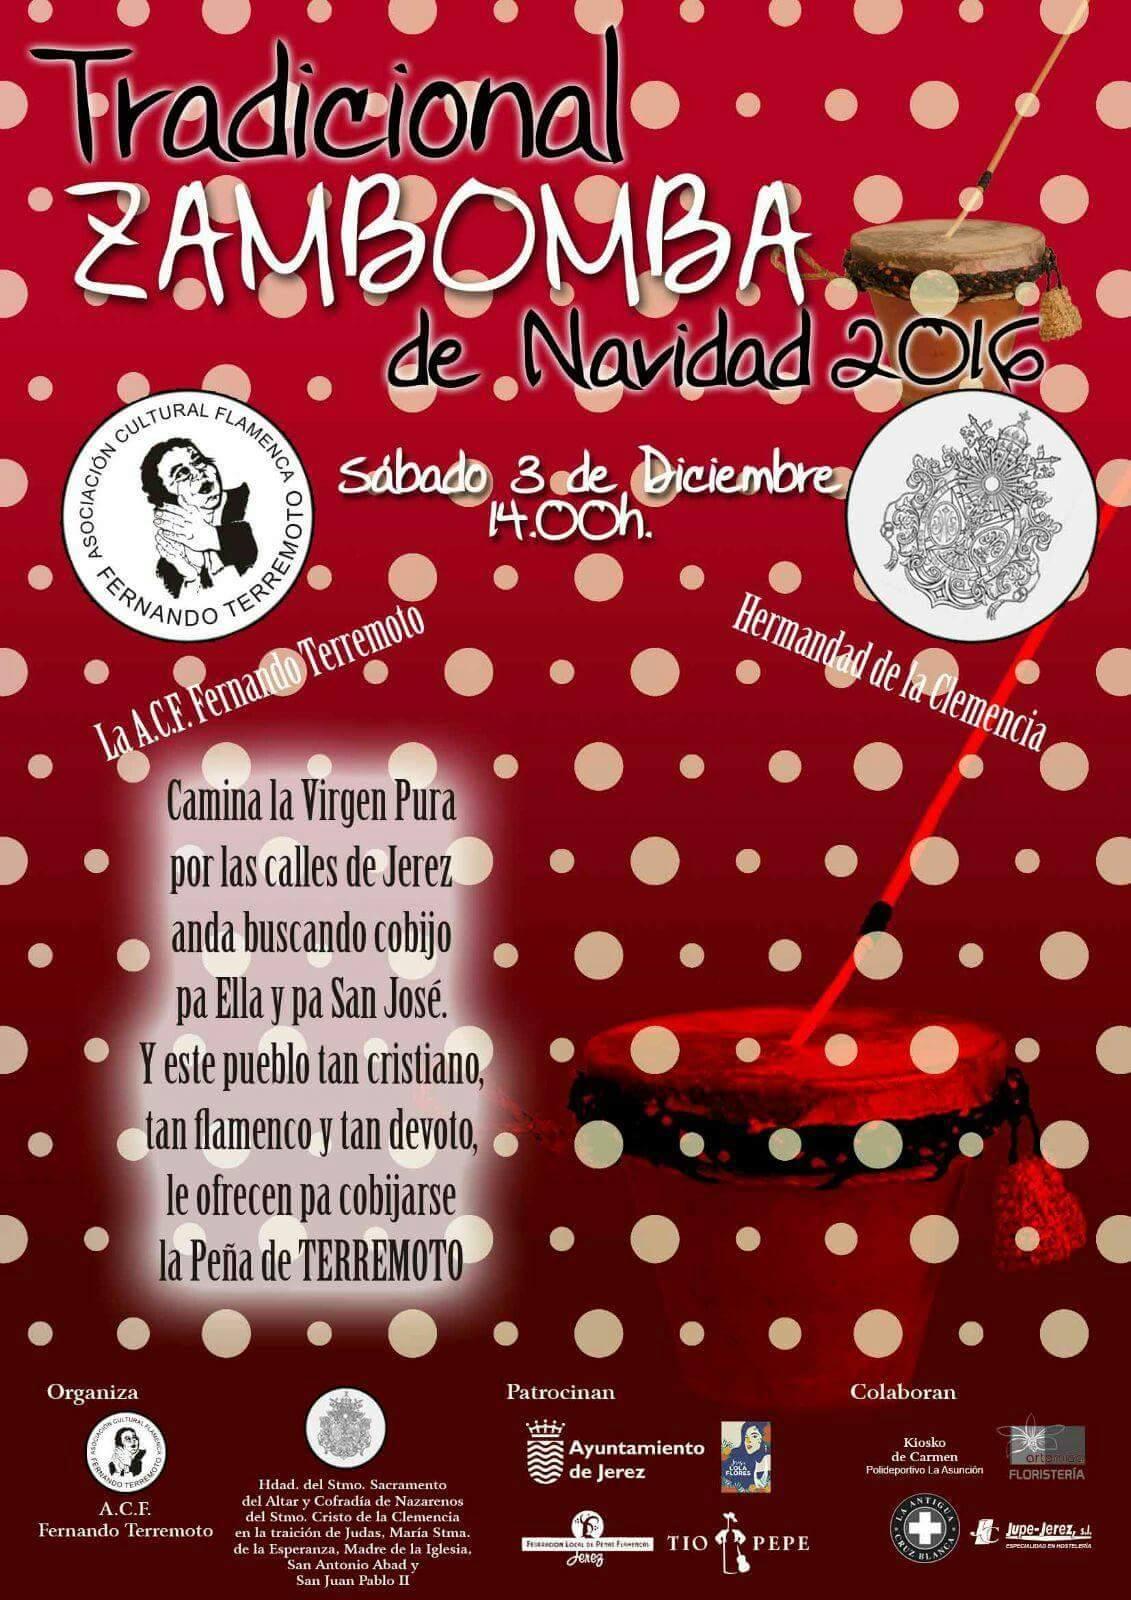 zambomba-clemencia